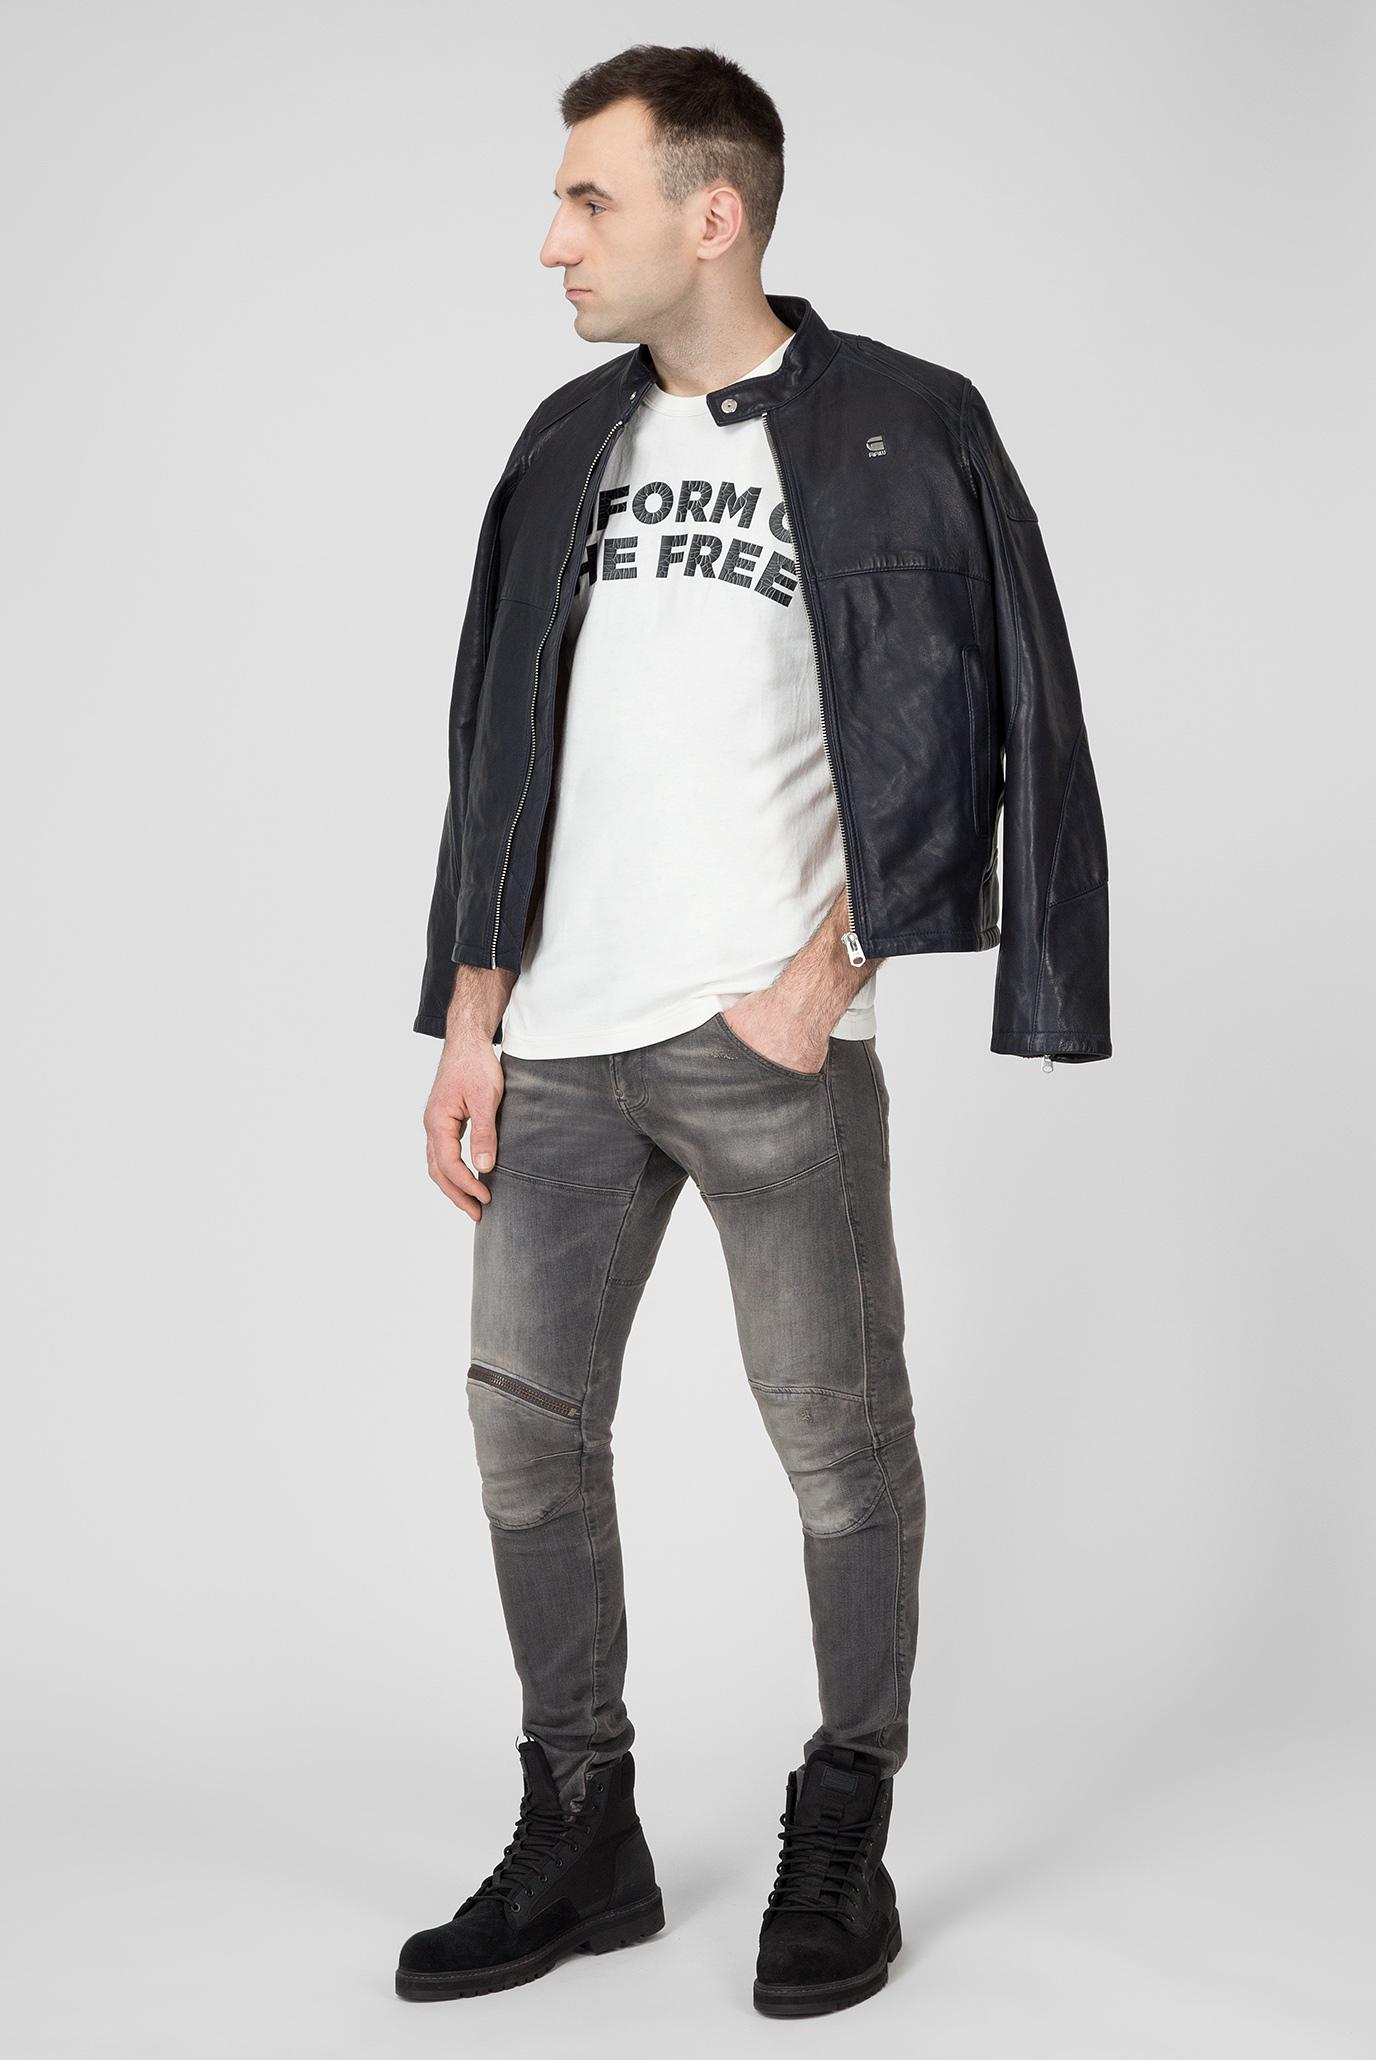 Купить Мужские серые джинсы 5620 G-Star RAW G-Star RAW D01252,A634 – Киев, Украина. Цены в интернет магазине MD Fashion